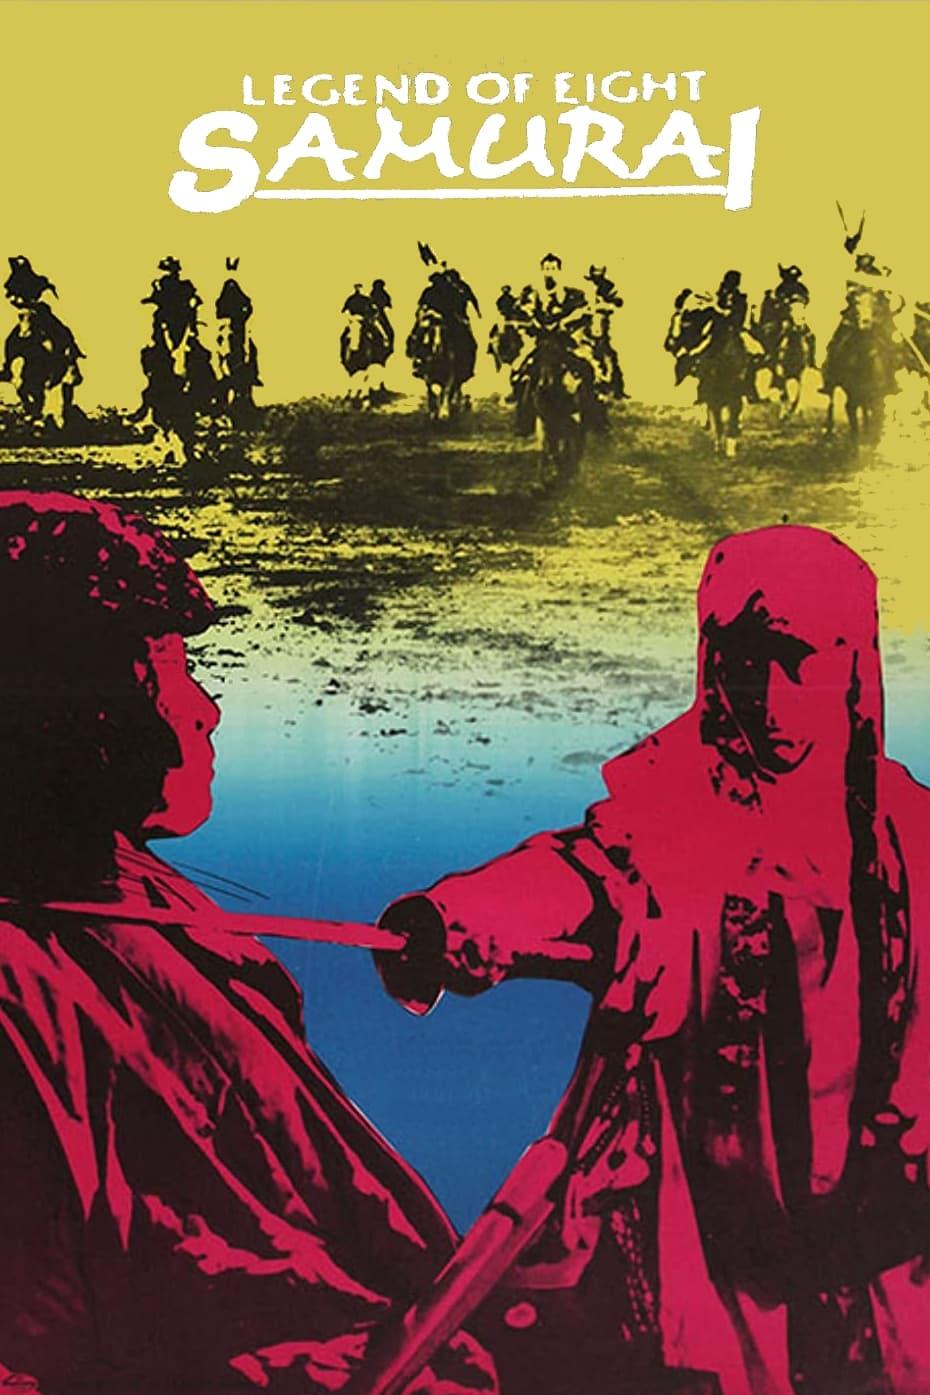 La leyenda de los ocho samuráis